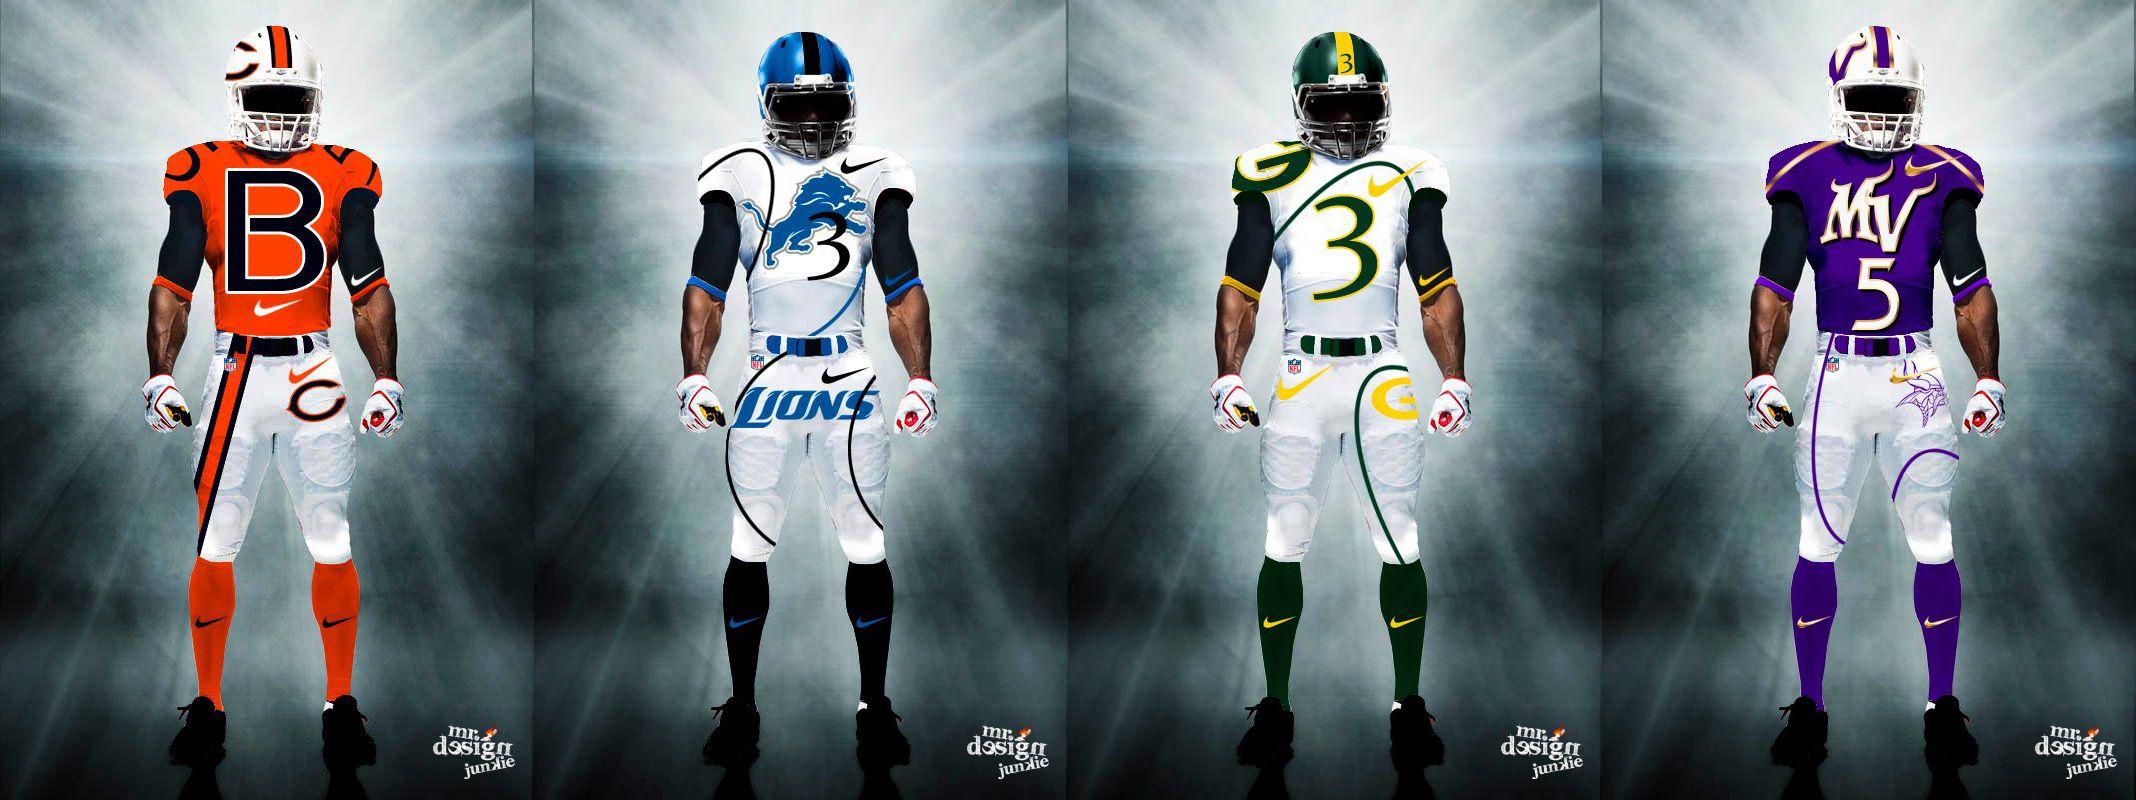 9a0c543cc NFC North Uniforms - http   www.fantasyhelp.com 2014